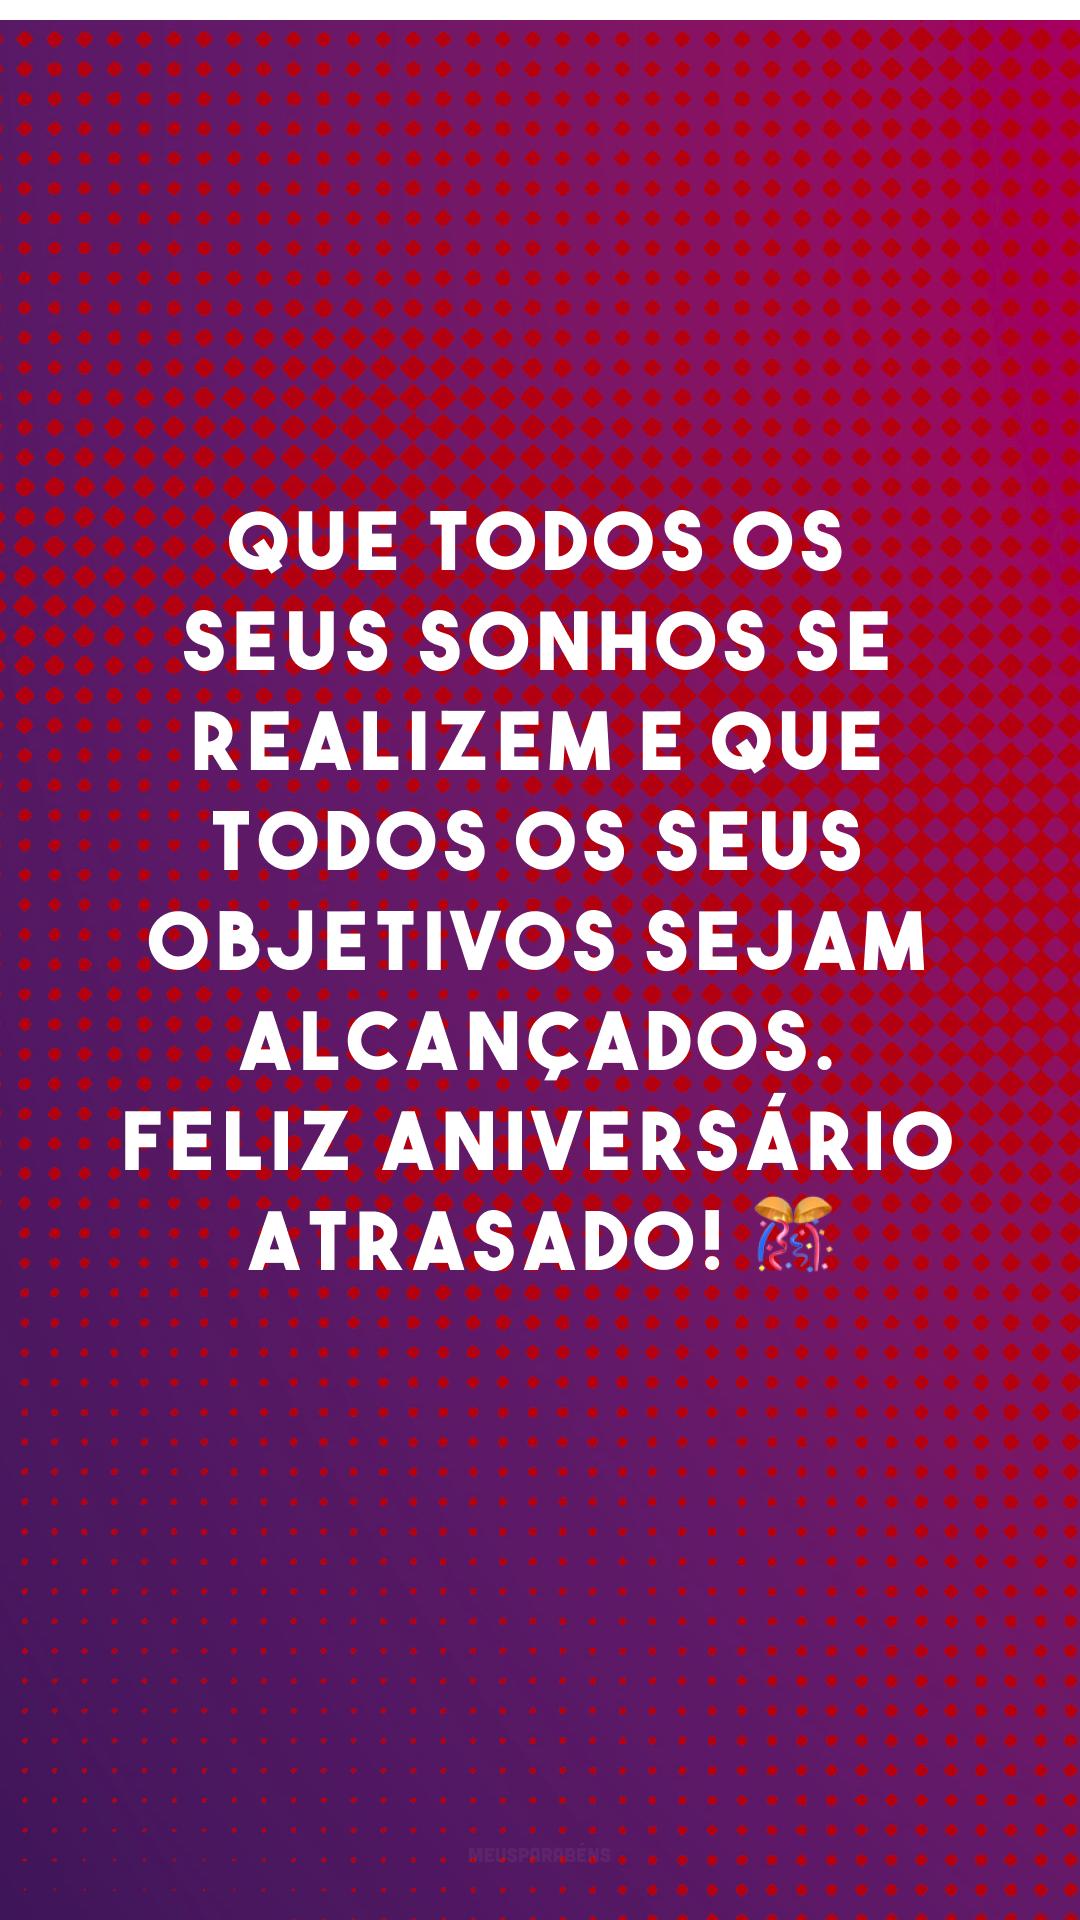 Que todos os seus sonhos se realizem e que todos os seus objetivos sejam alcançados. Feliz aniversário atrasado! 🎊